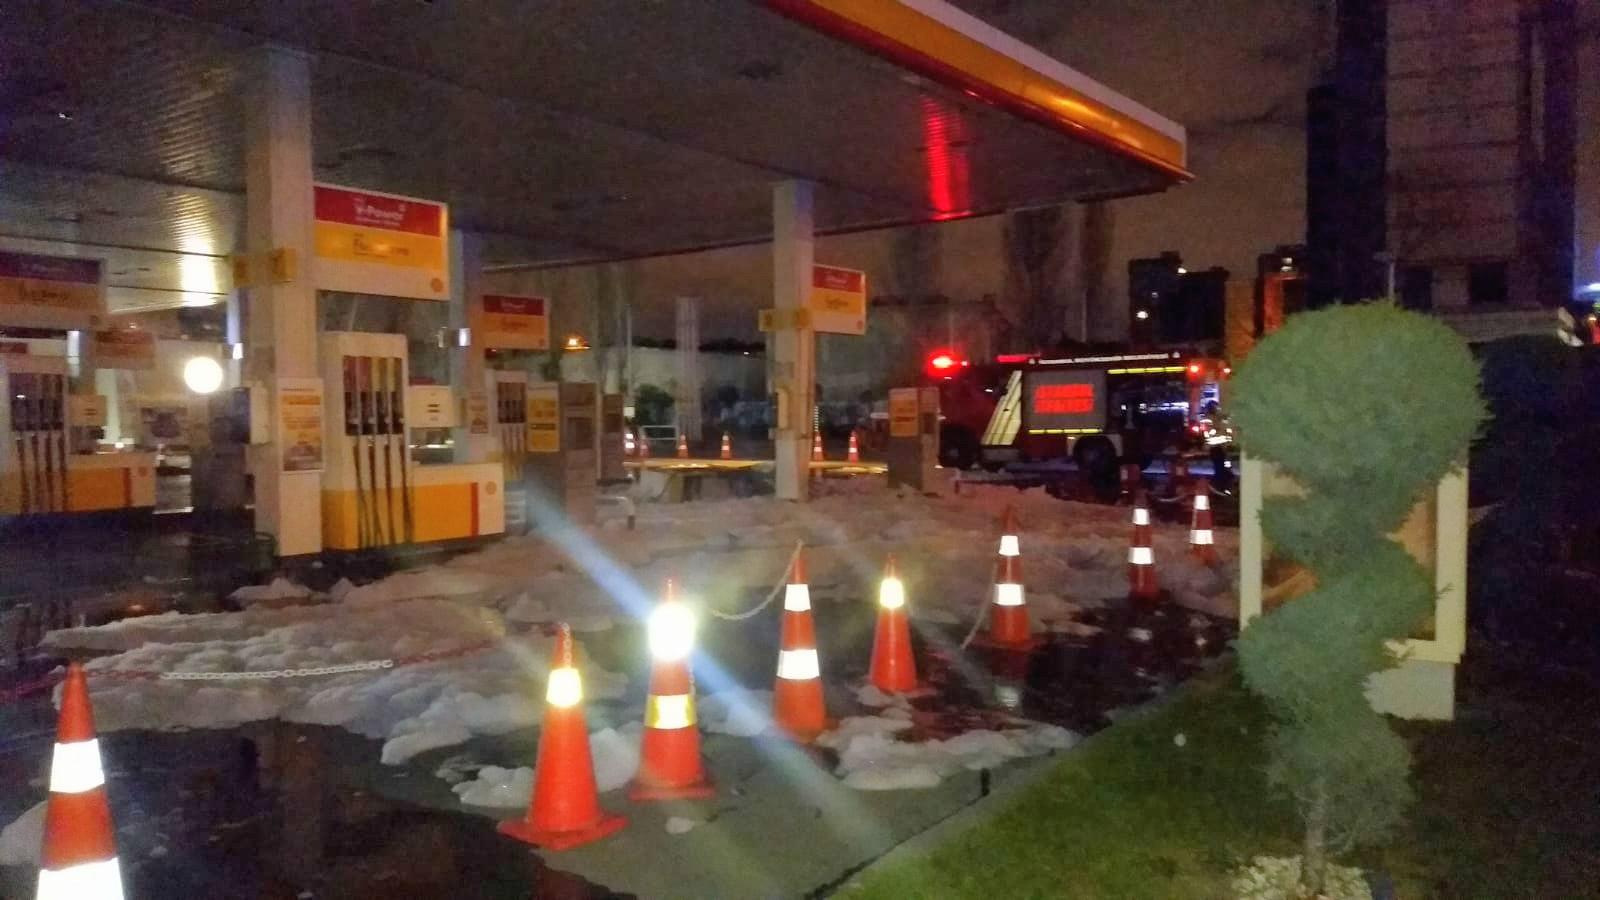 Merterde benzin istasyonunda facia kıl payı atlatıldı